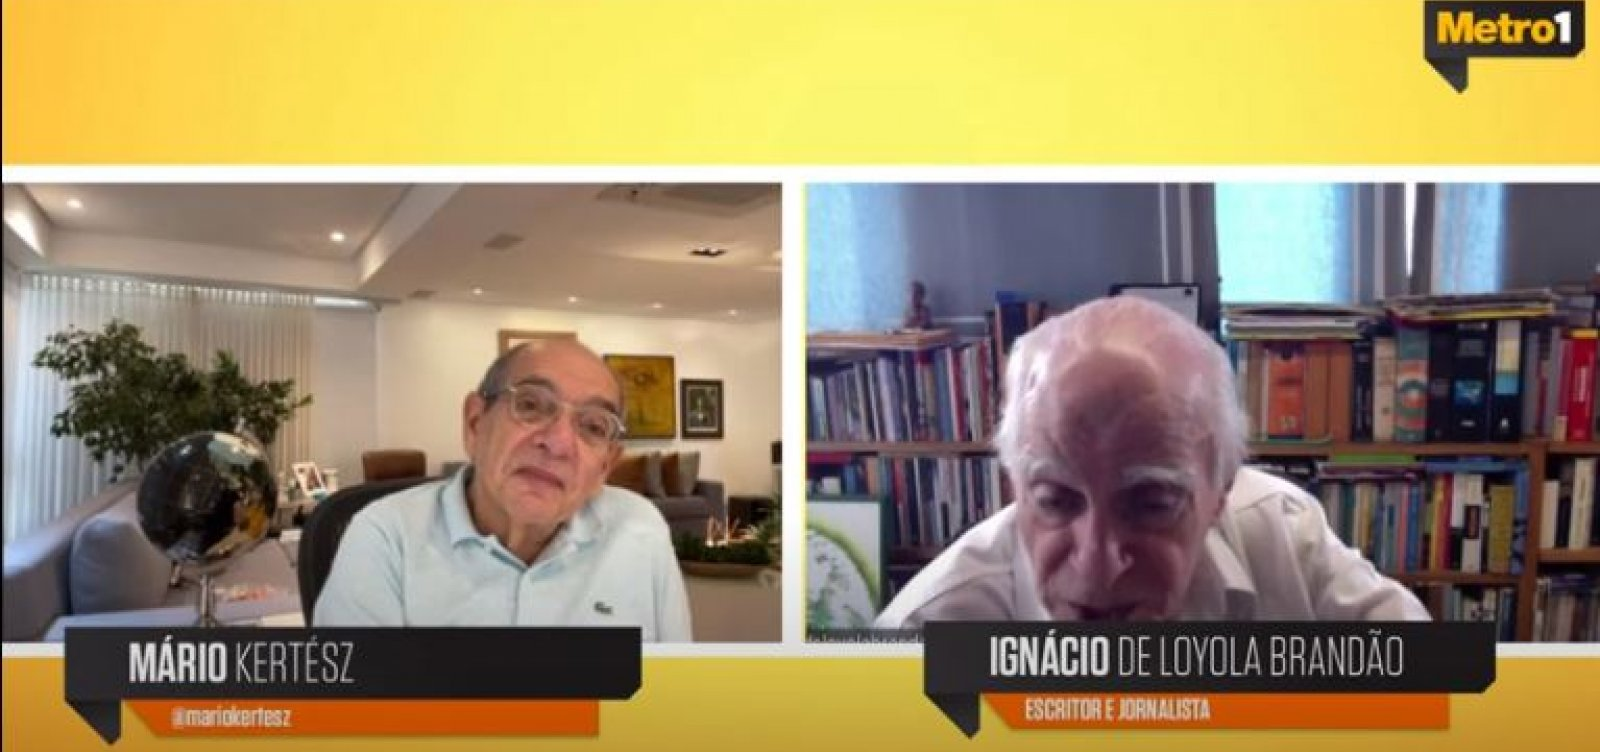 Ignácio de Loyola Brandão critica governo Bolsonaro por 'abandono total da população'